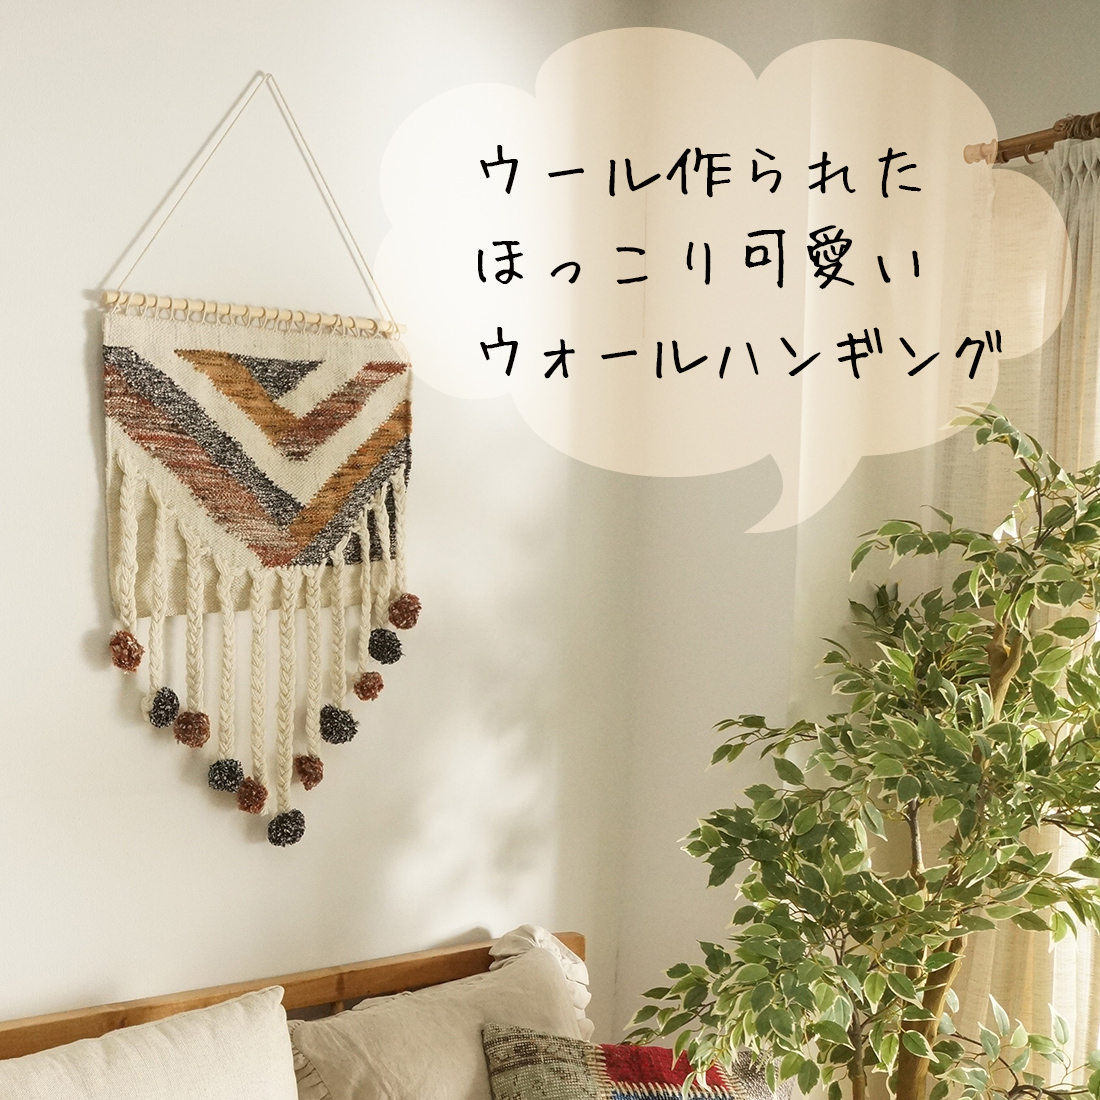 ウール 壁装飾 おしゃれ雑貨